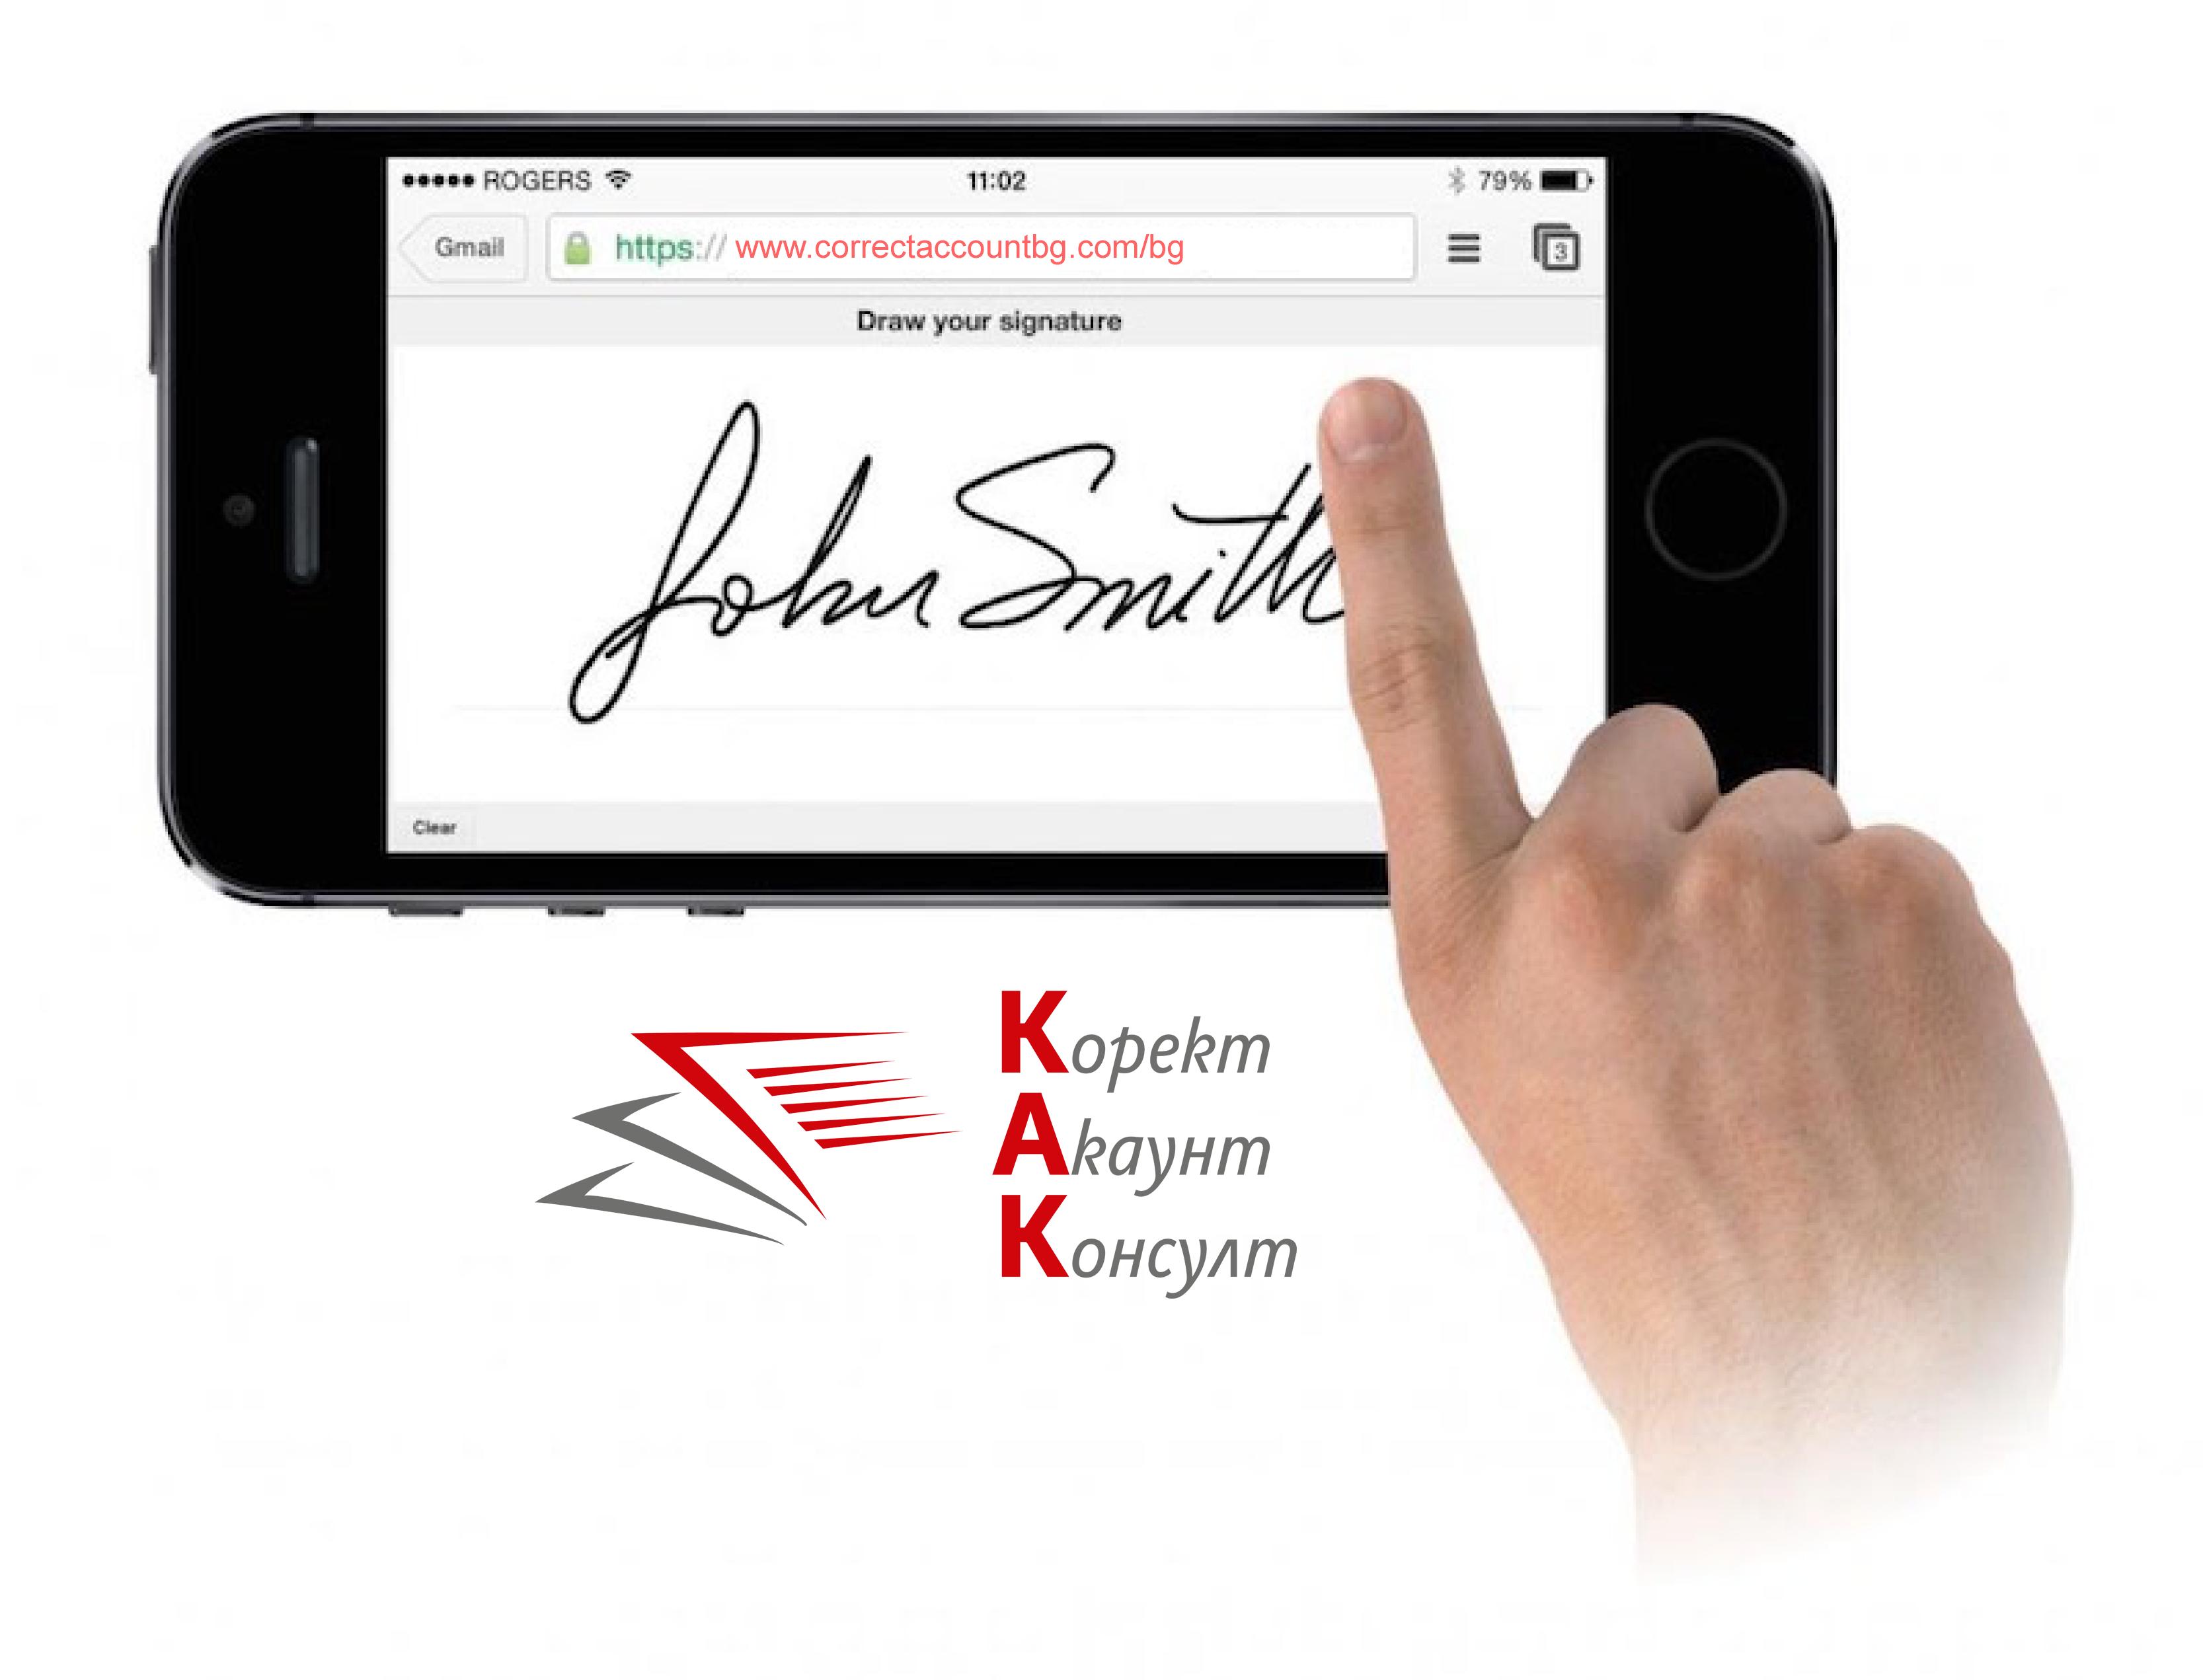 Тествайте новата платформа за подписване на документи и файлове